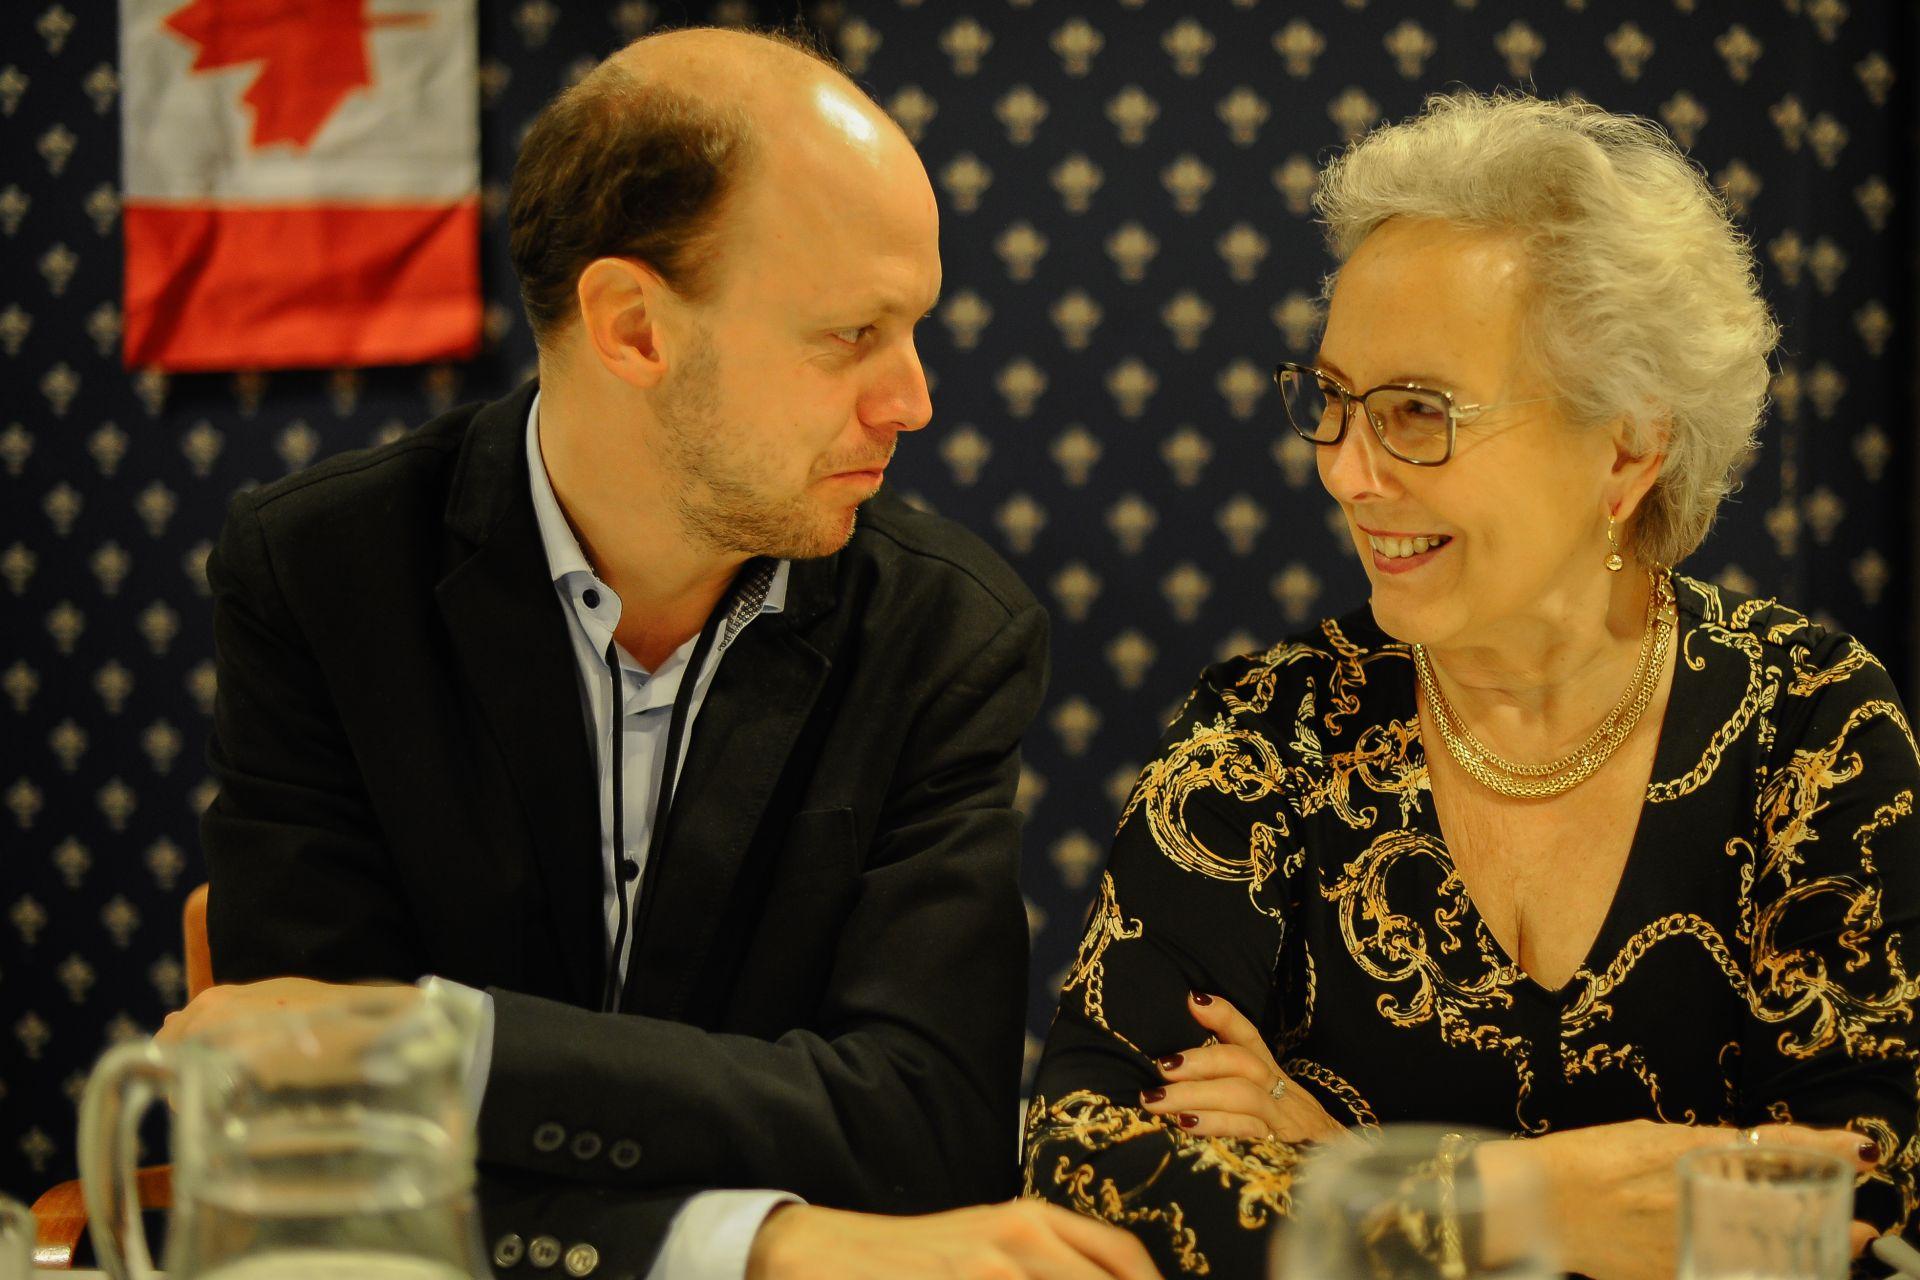 Två personer sitte vid ett festbord och talar